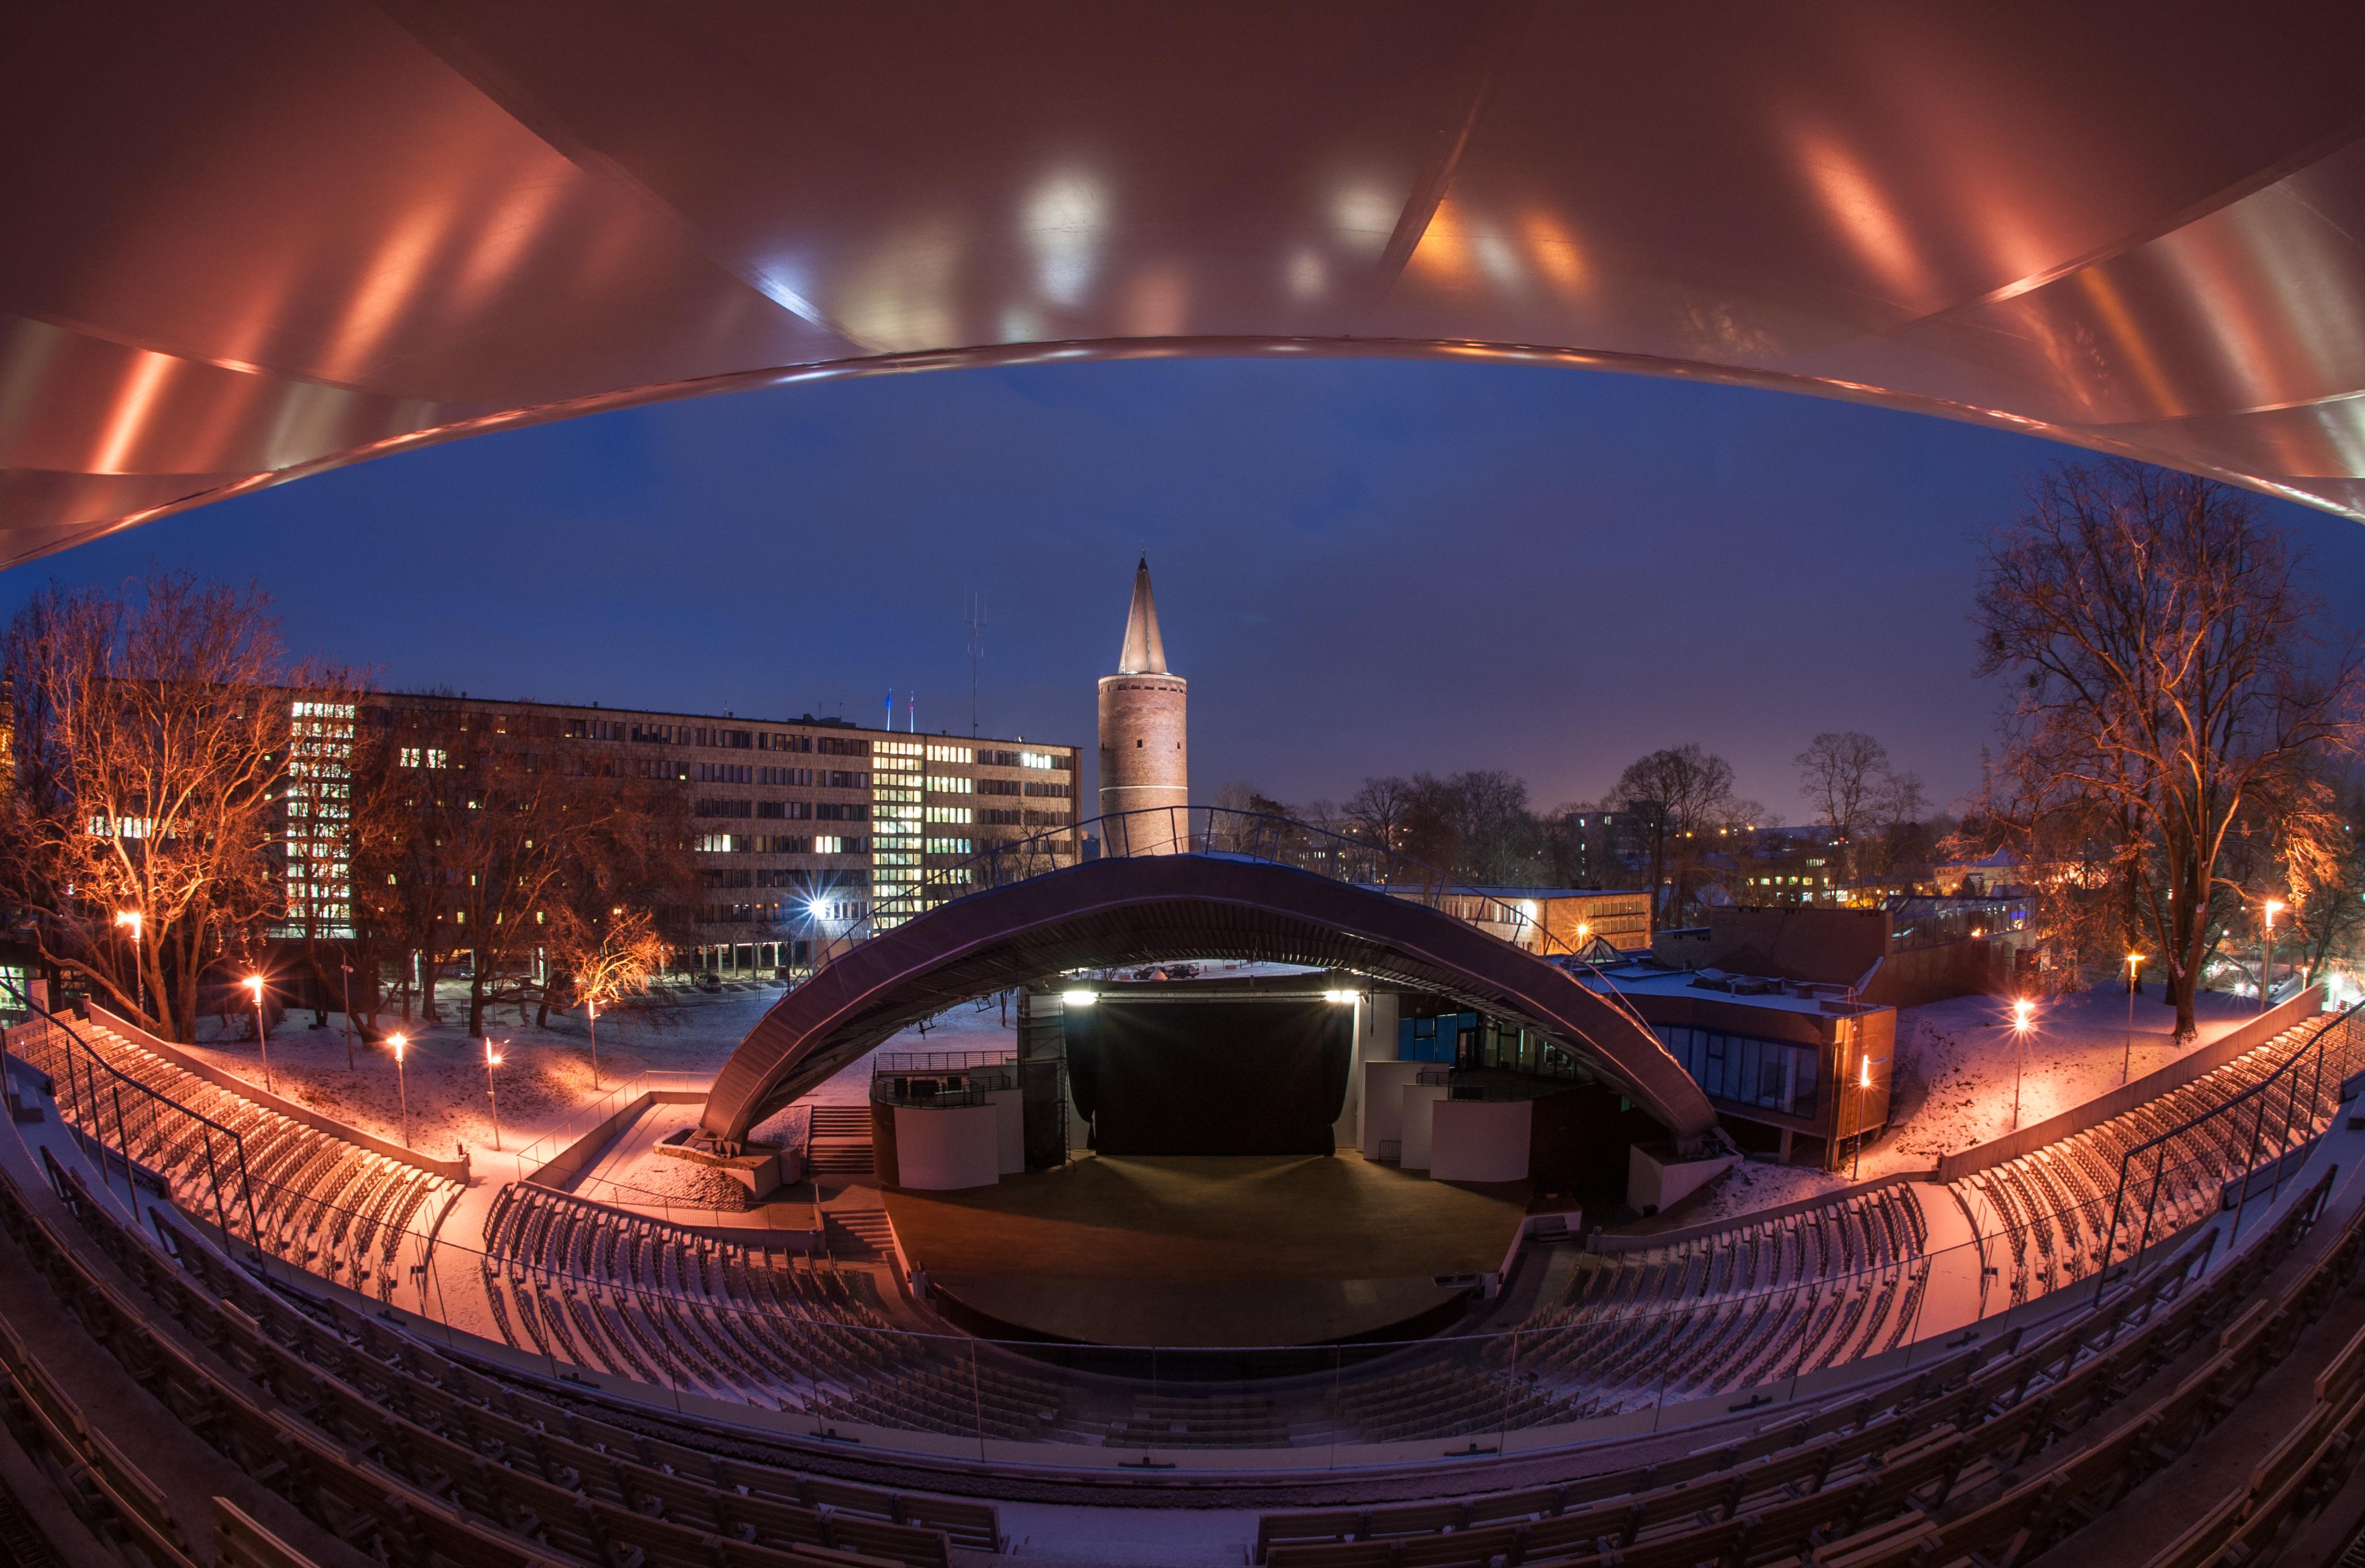 Amfiteatr Opolski